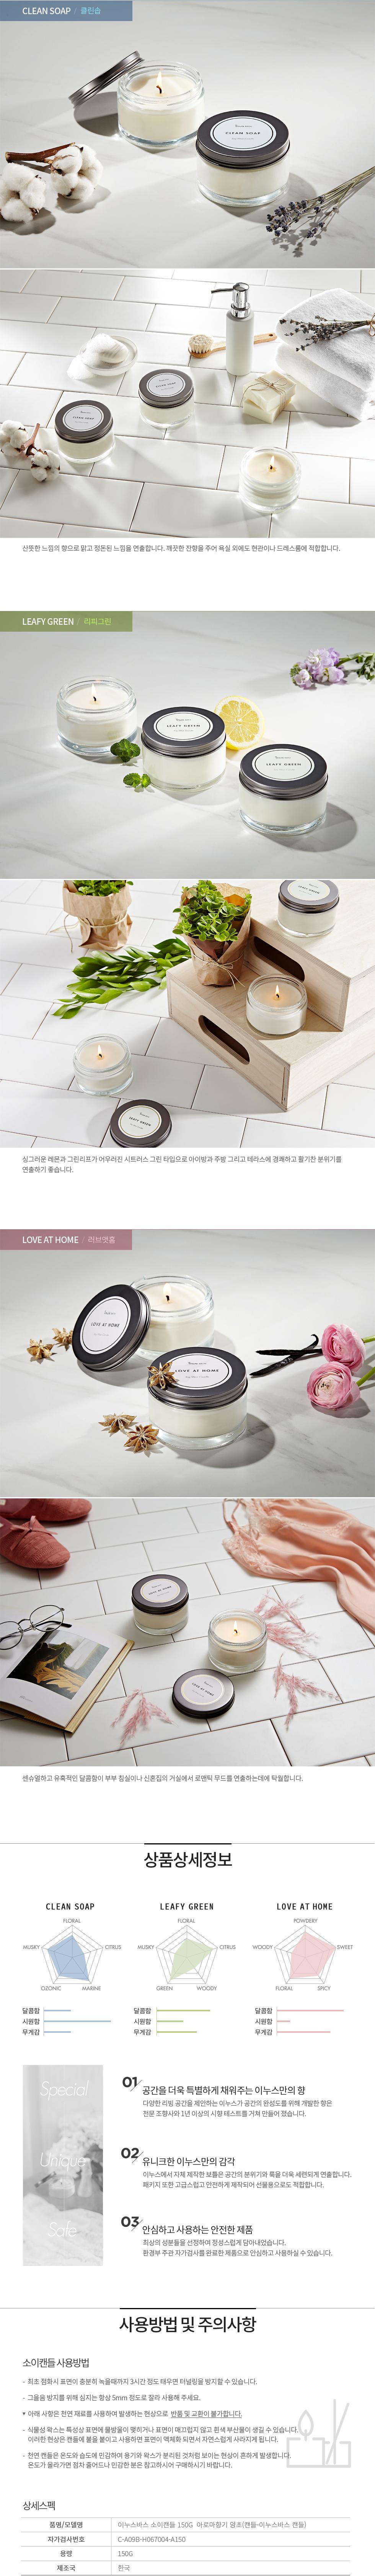 이누스향 상품소개